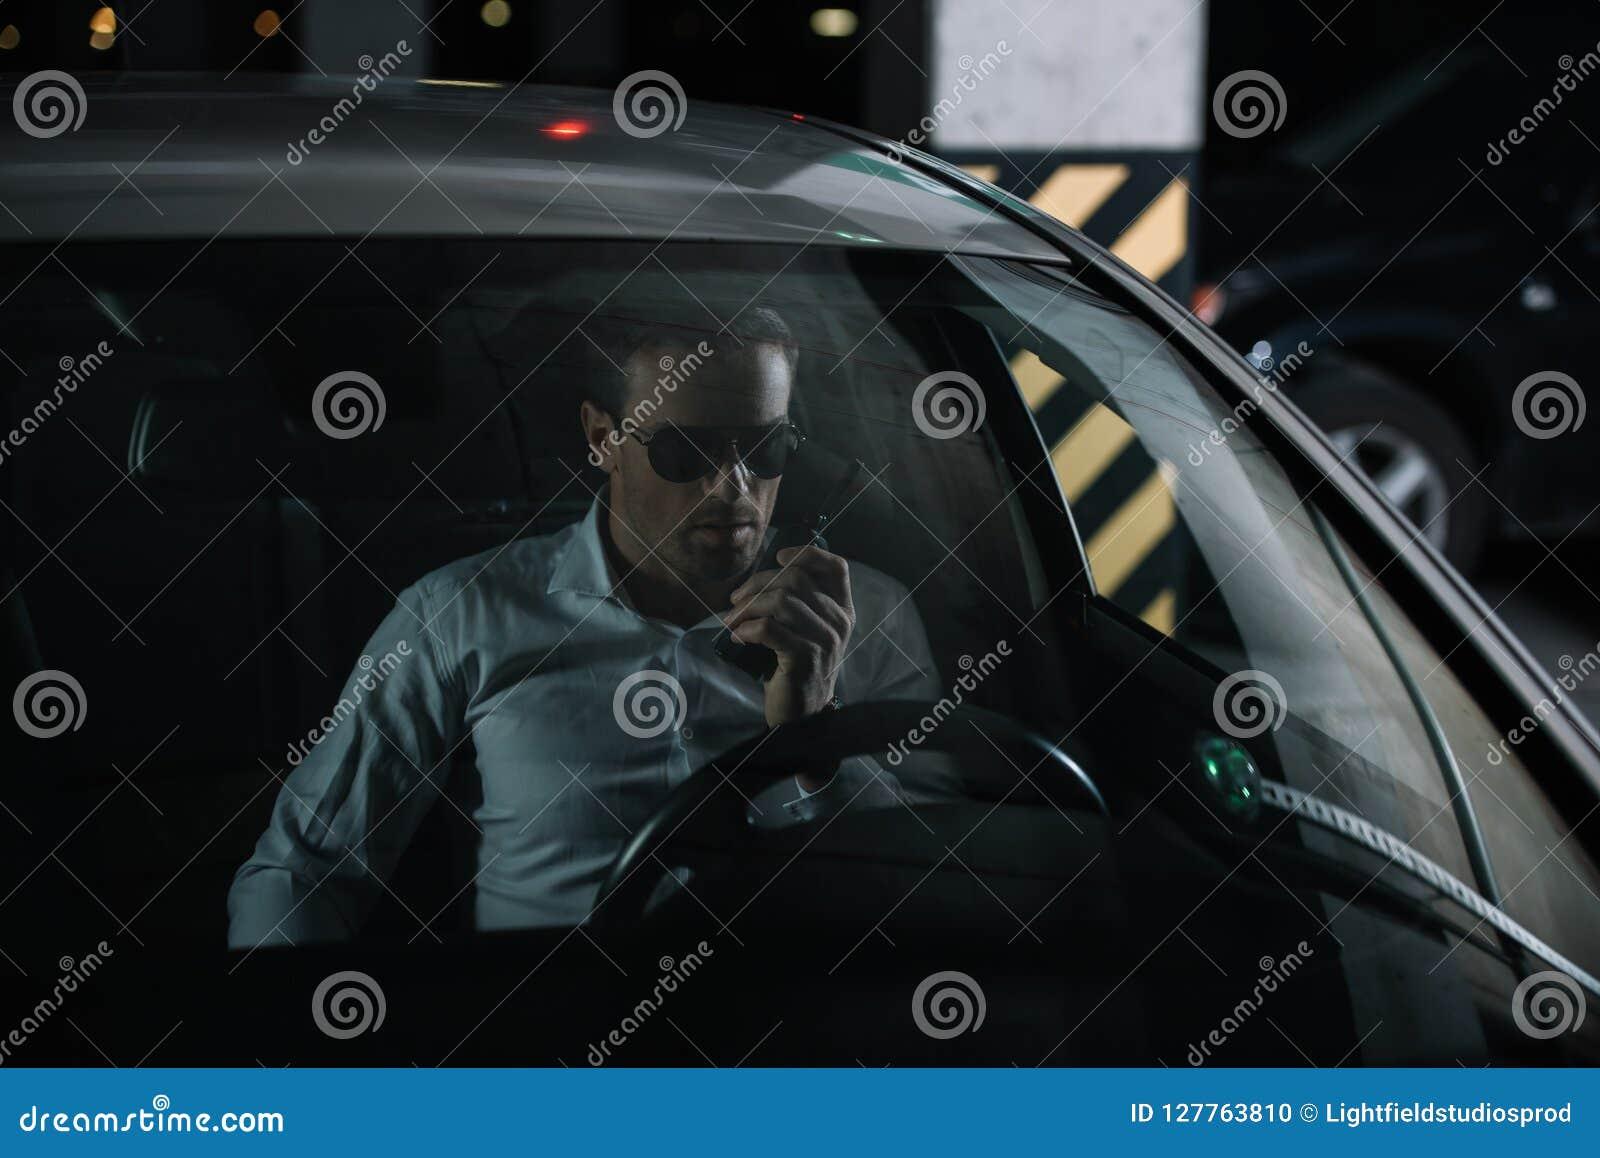 αρσενικός μυστικός αξιωματούχος στα γυαλιά ηλίου χρησιμοποιώντας την ομιλούσα ταινία walkie και καθμένος